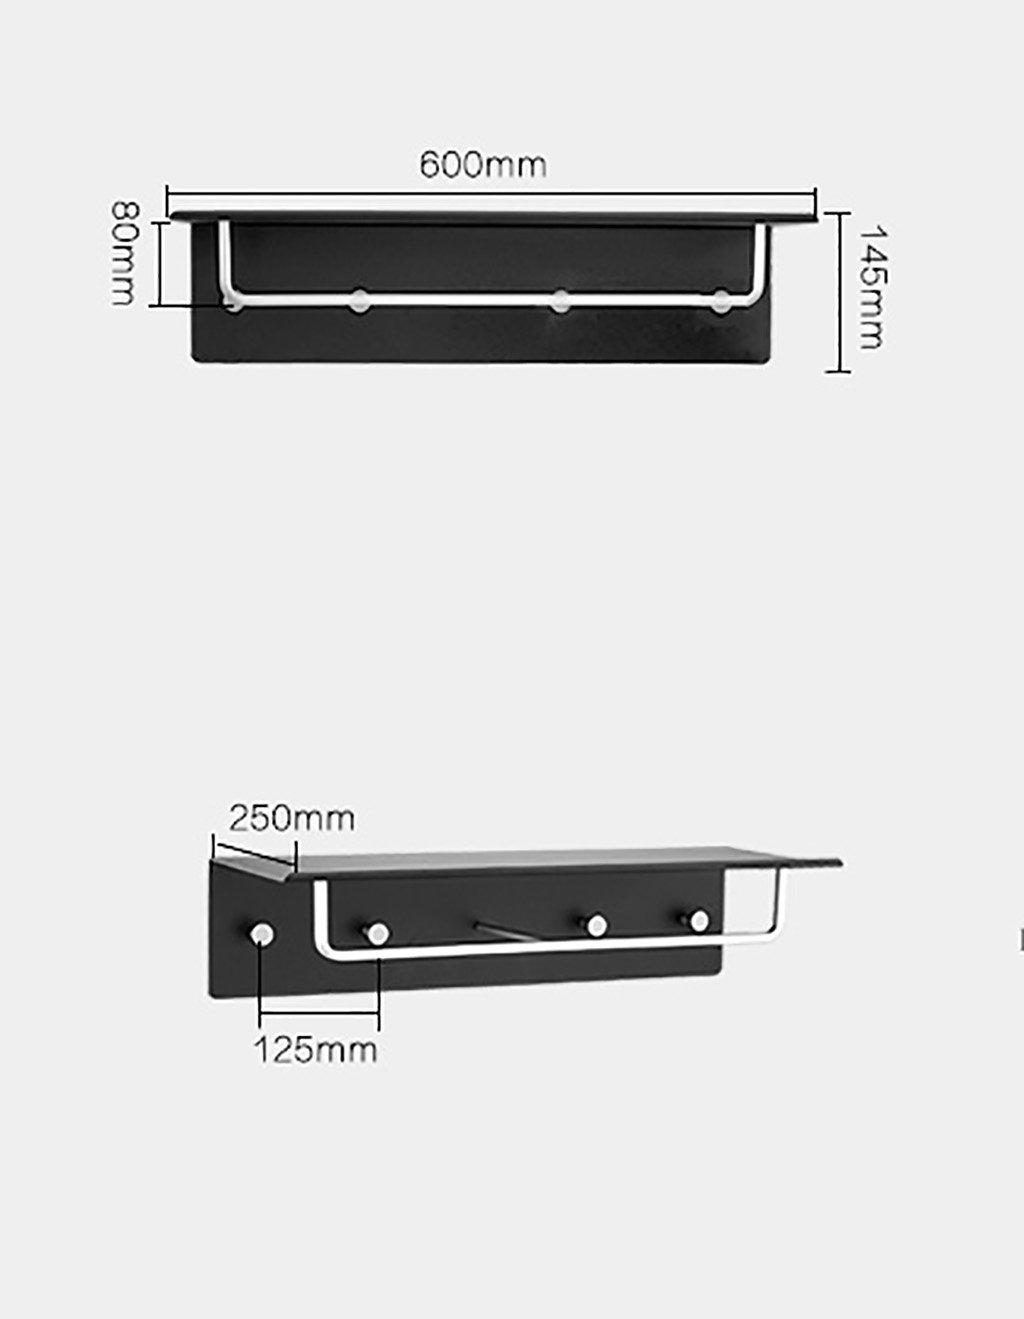 バスルームの棚 ブラック穿孔タオルラックスペースアルミタオルラックバスルームタオルラックハードウェアバスルームアクセサリーフックバスルームラック バスルームタオル収納ラック (色 : B) B07DBW9TS8 B B